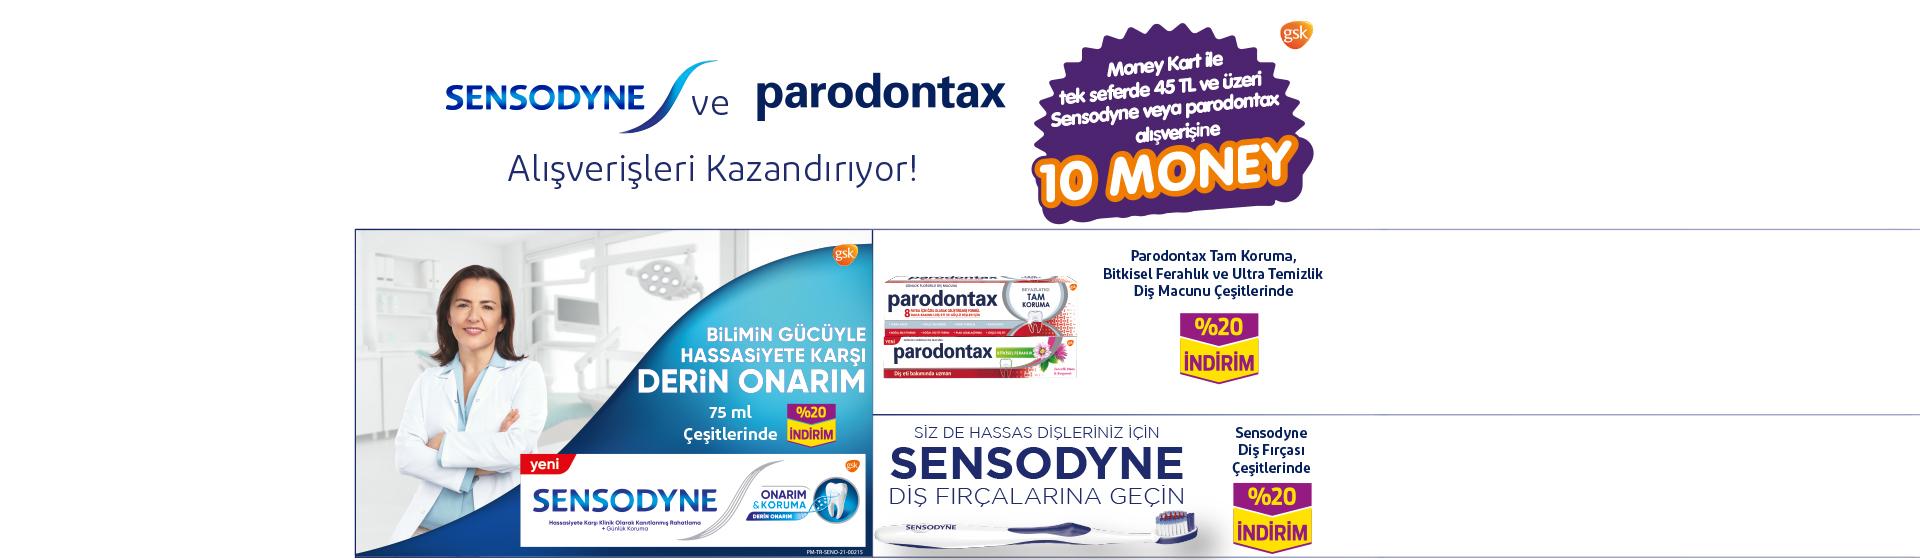 Sensodyne-Paradontax Money Kampanyası